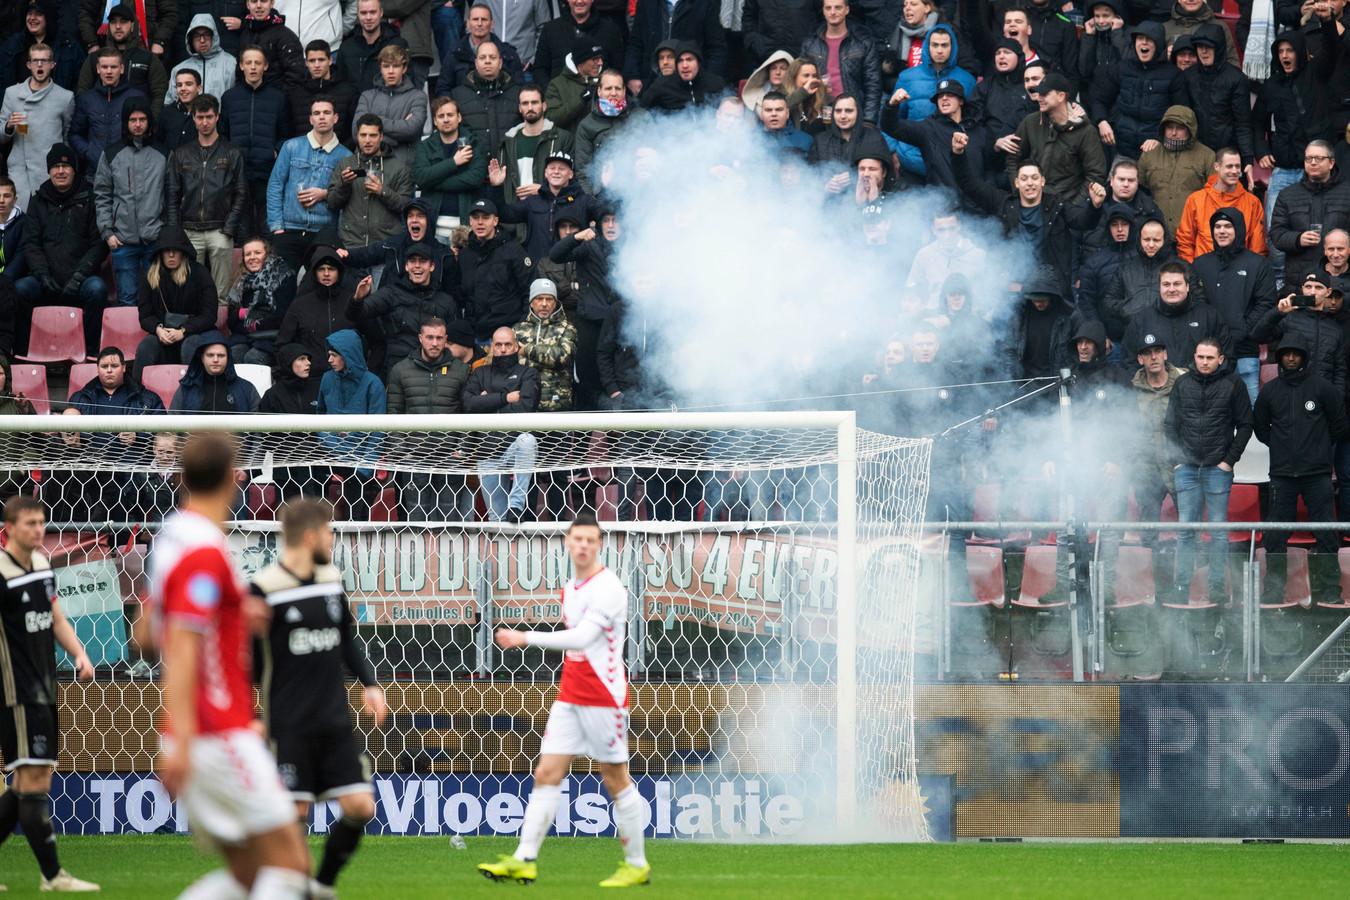 Het vuurwerk werd in de richting van Ajax-keeper André Onana gegooid.